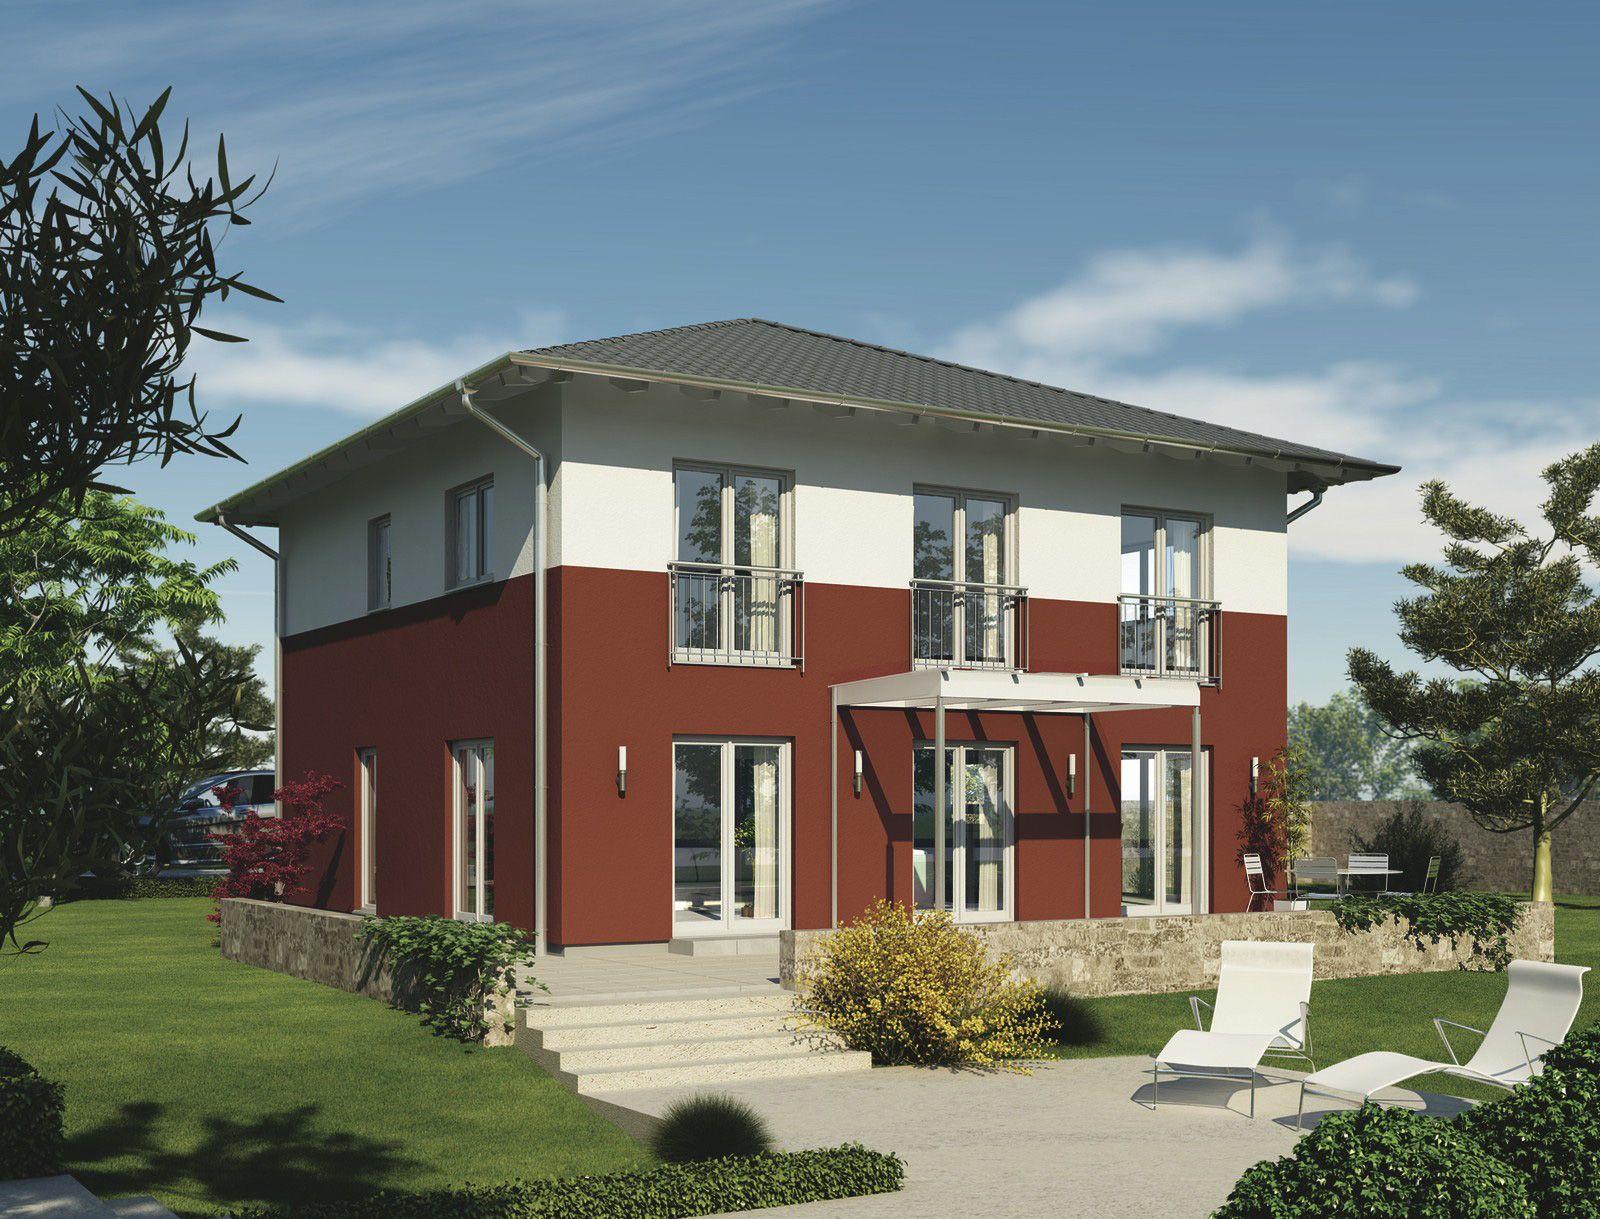 CityLife 400 - #Einfamilienhaus von WeberHaus GmbH & Co. KG ...